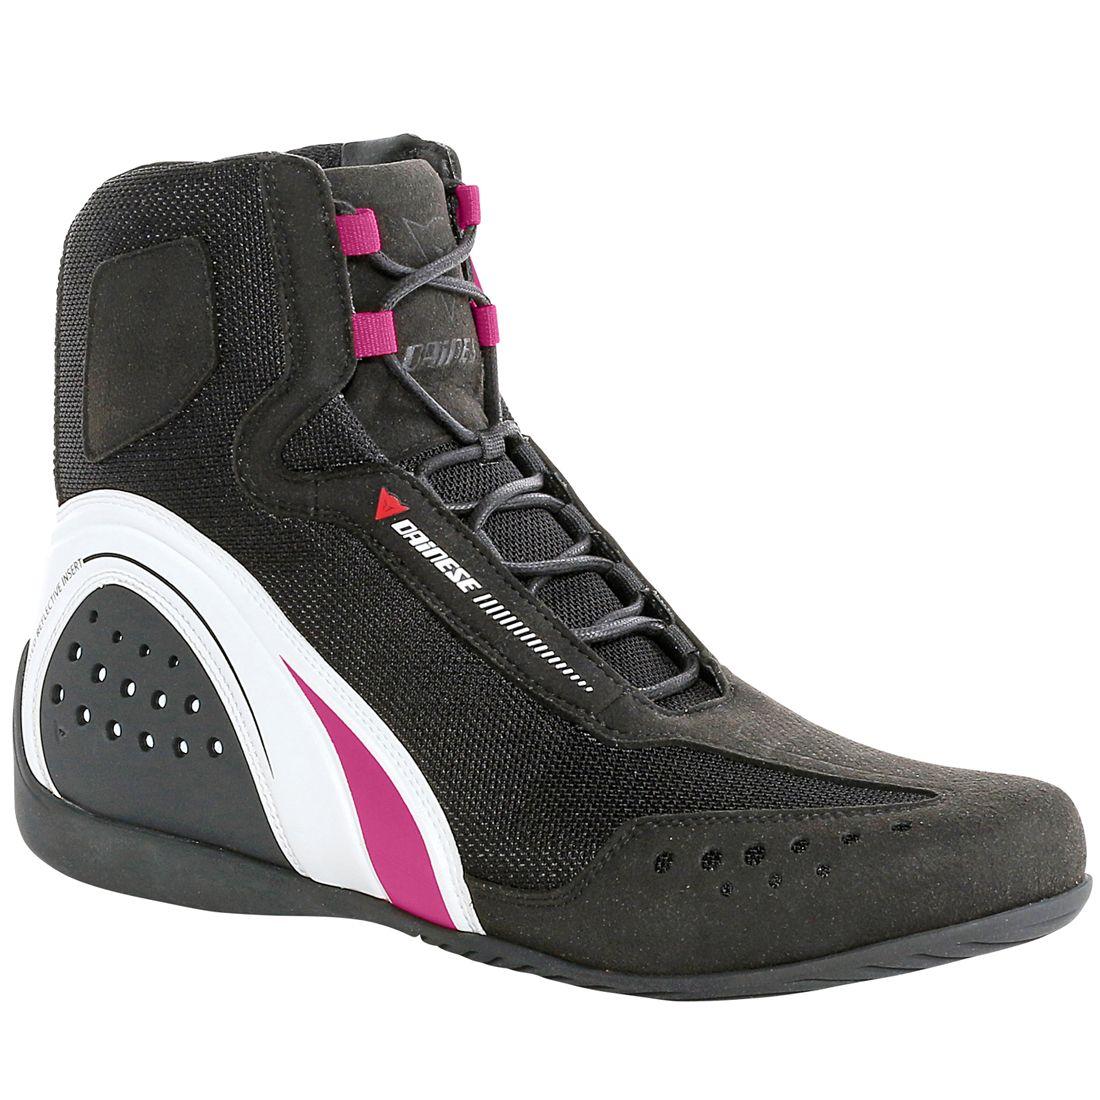 【DAINESE】MOTORSHOE AIR 車鞋 - 「Webike-摩托百貨」